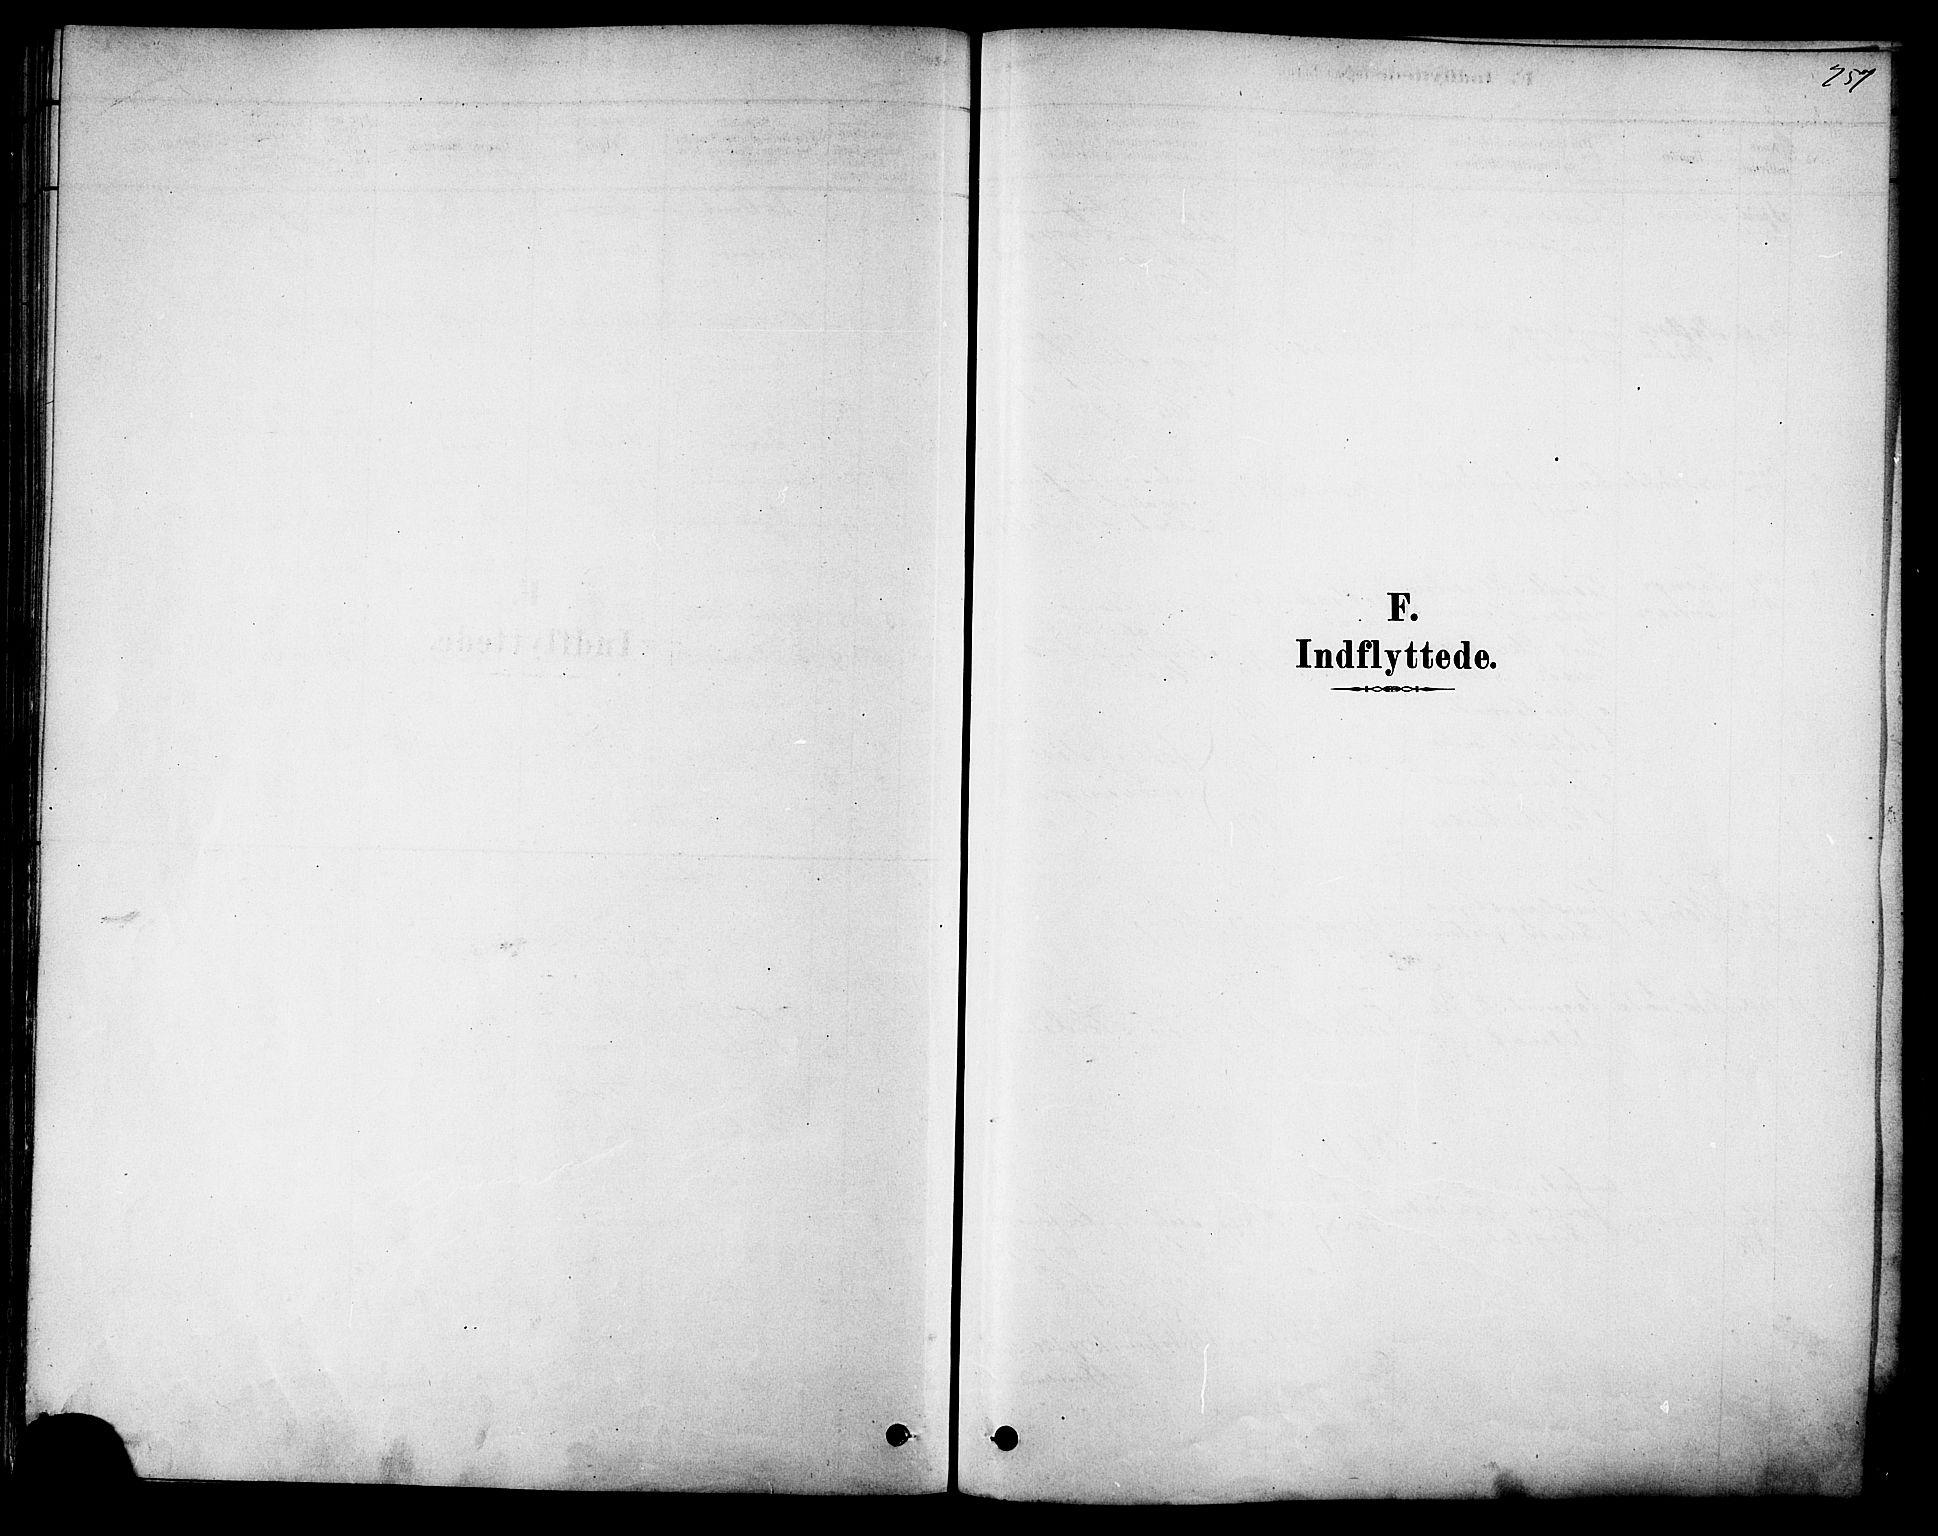 SAT, Ministerialprotokoller, klokkerbøker og fødselsregistre - Sør-Trøndelag, 616/L0410: Ministerialbok nr. 616A07, 1878-1893, s. 257